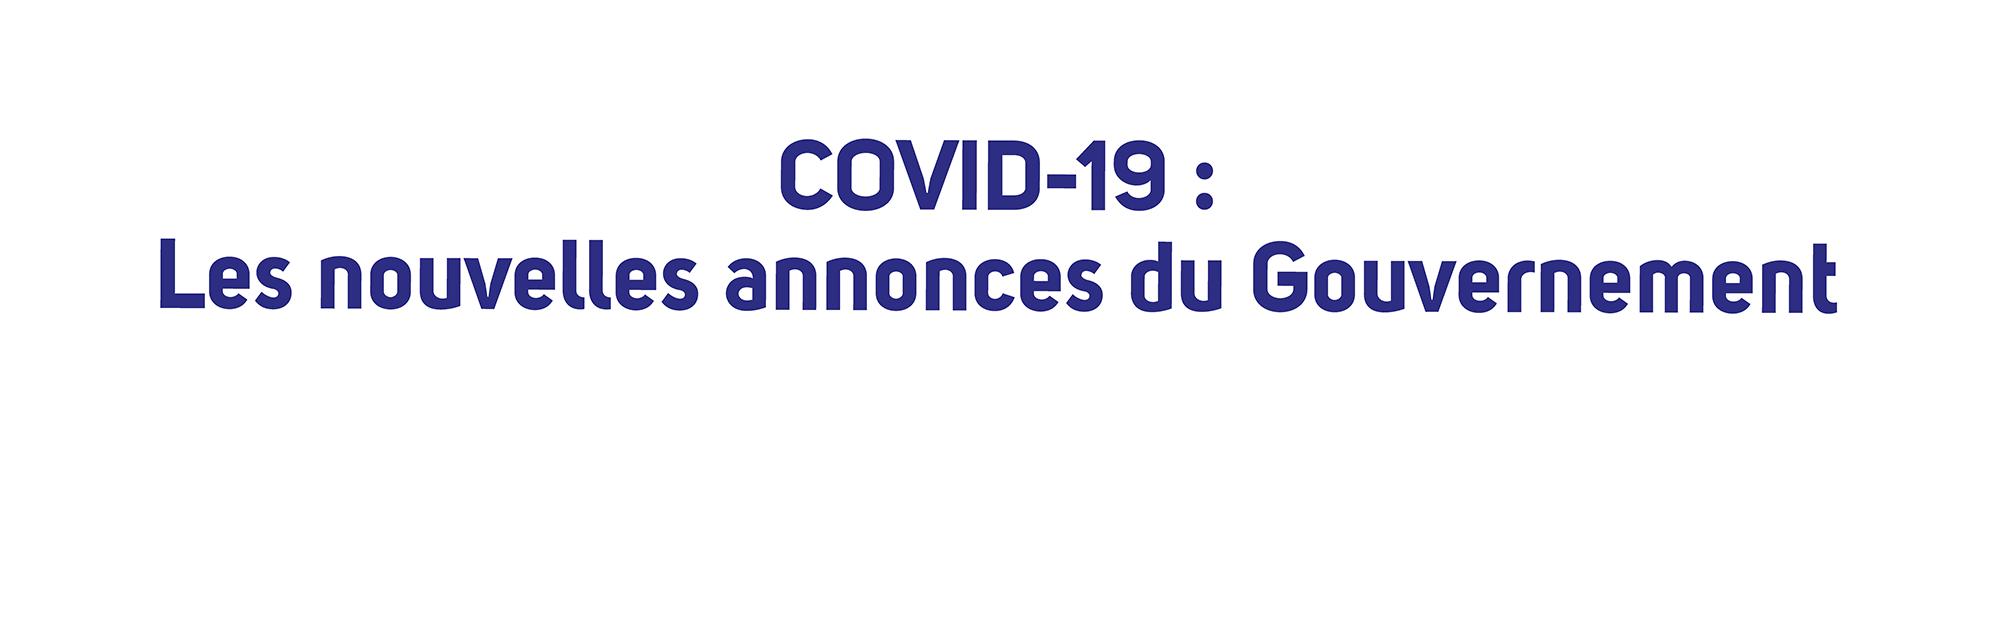 COVID-19 : Les nouvelles annonces du Gouvernement